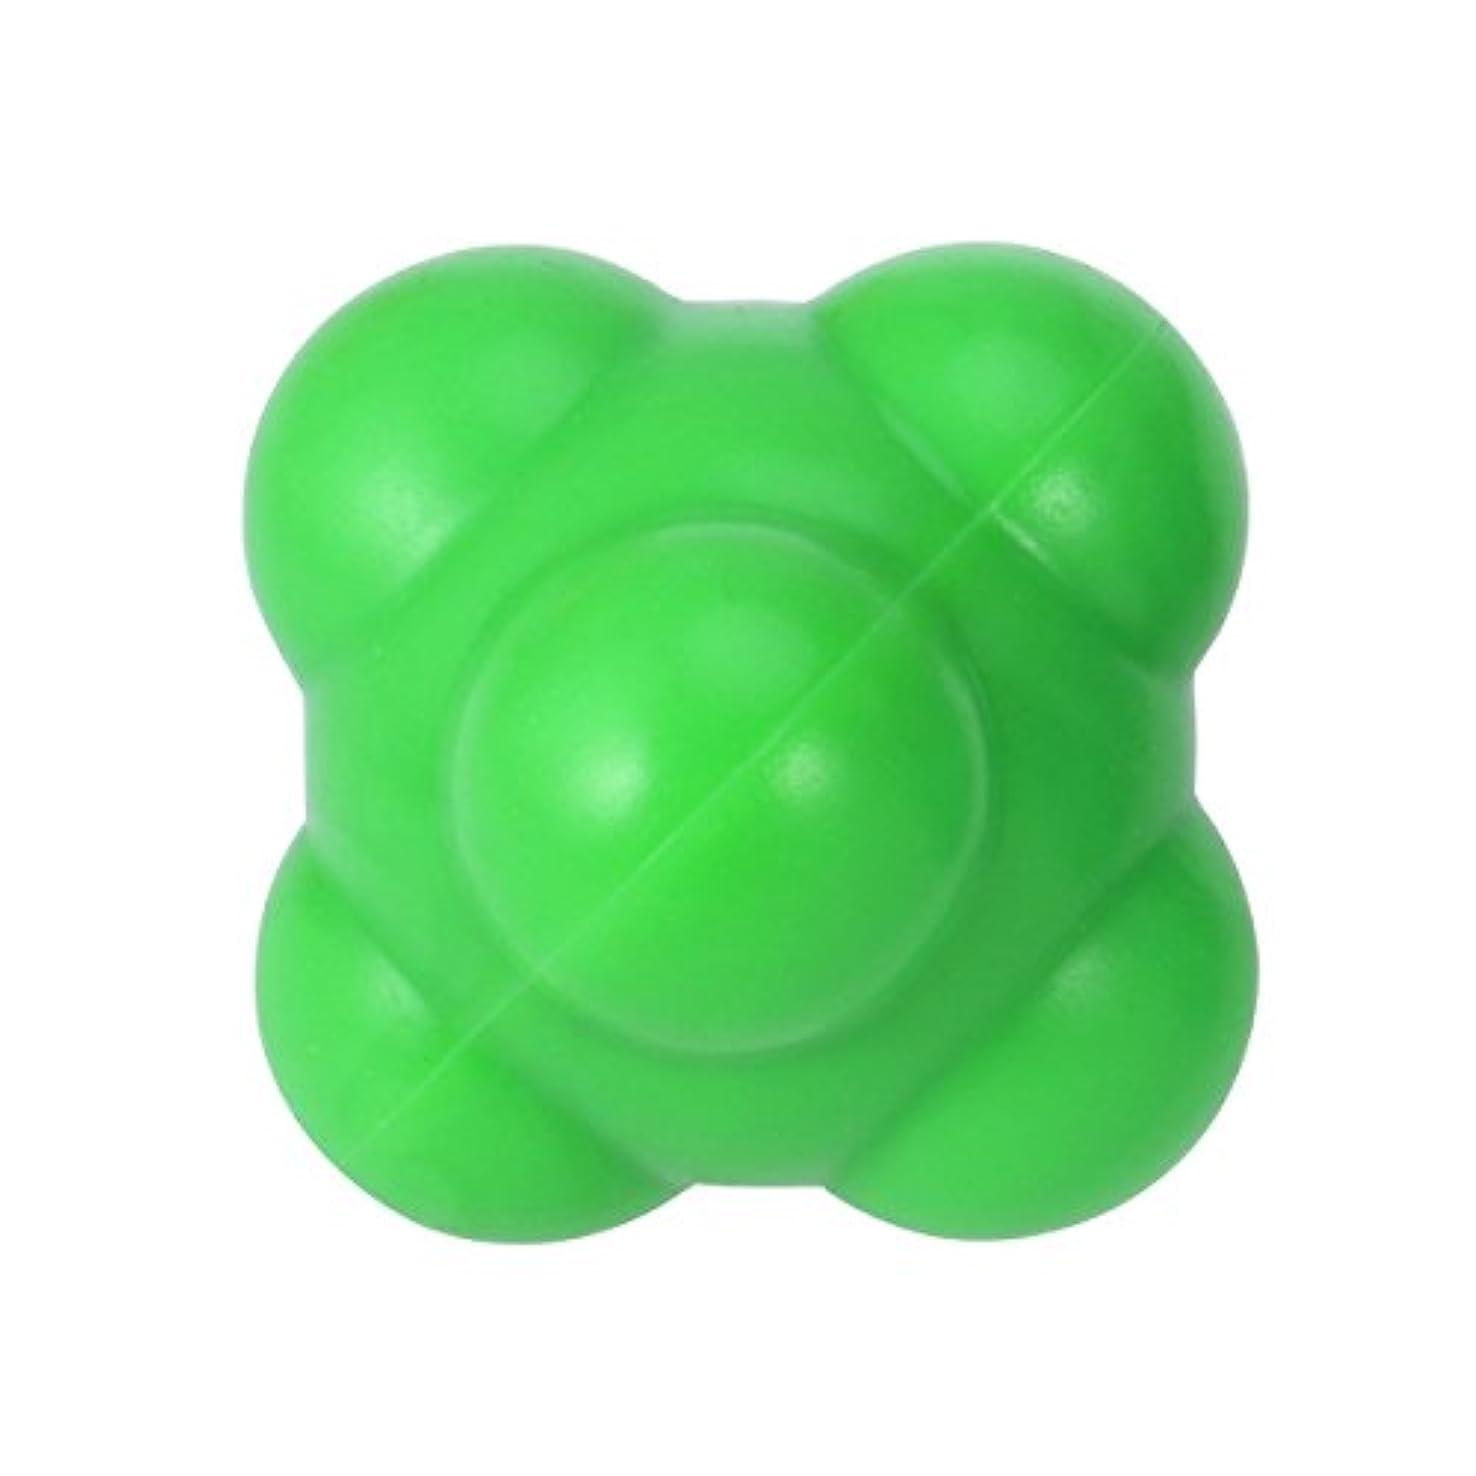 リビングルームシンプルな誓いSUPVOX 反応ボール 敏捷性とスピードハンドアイ調整(グリーン)